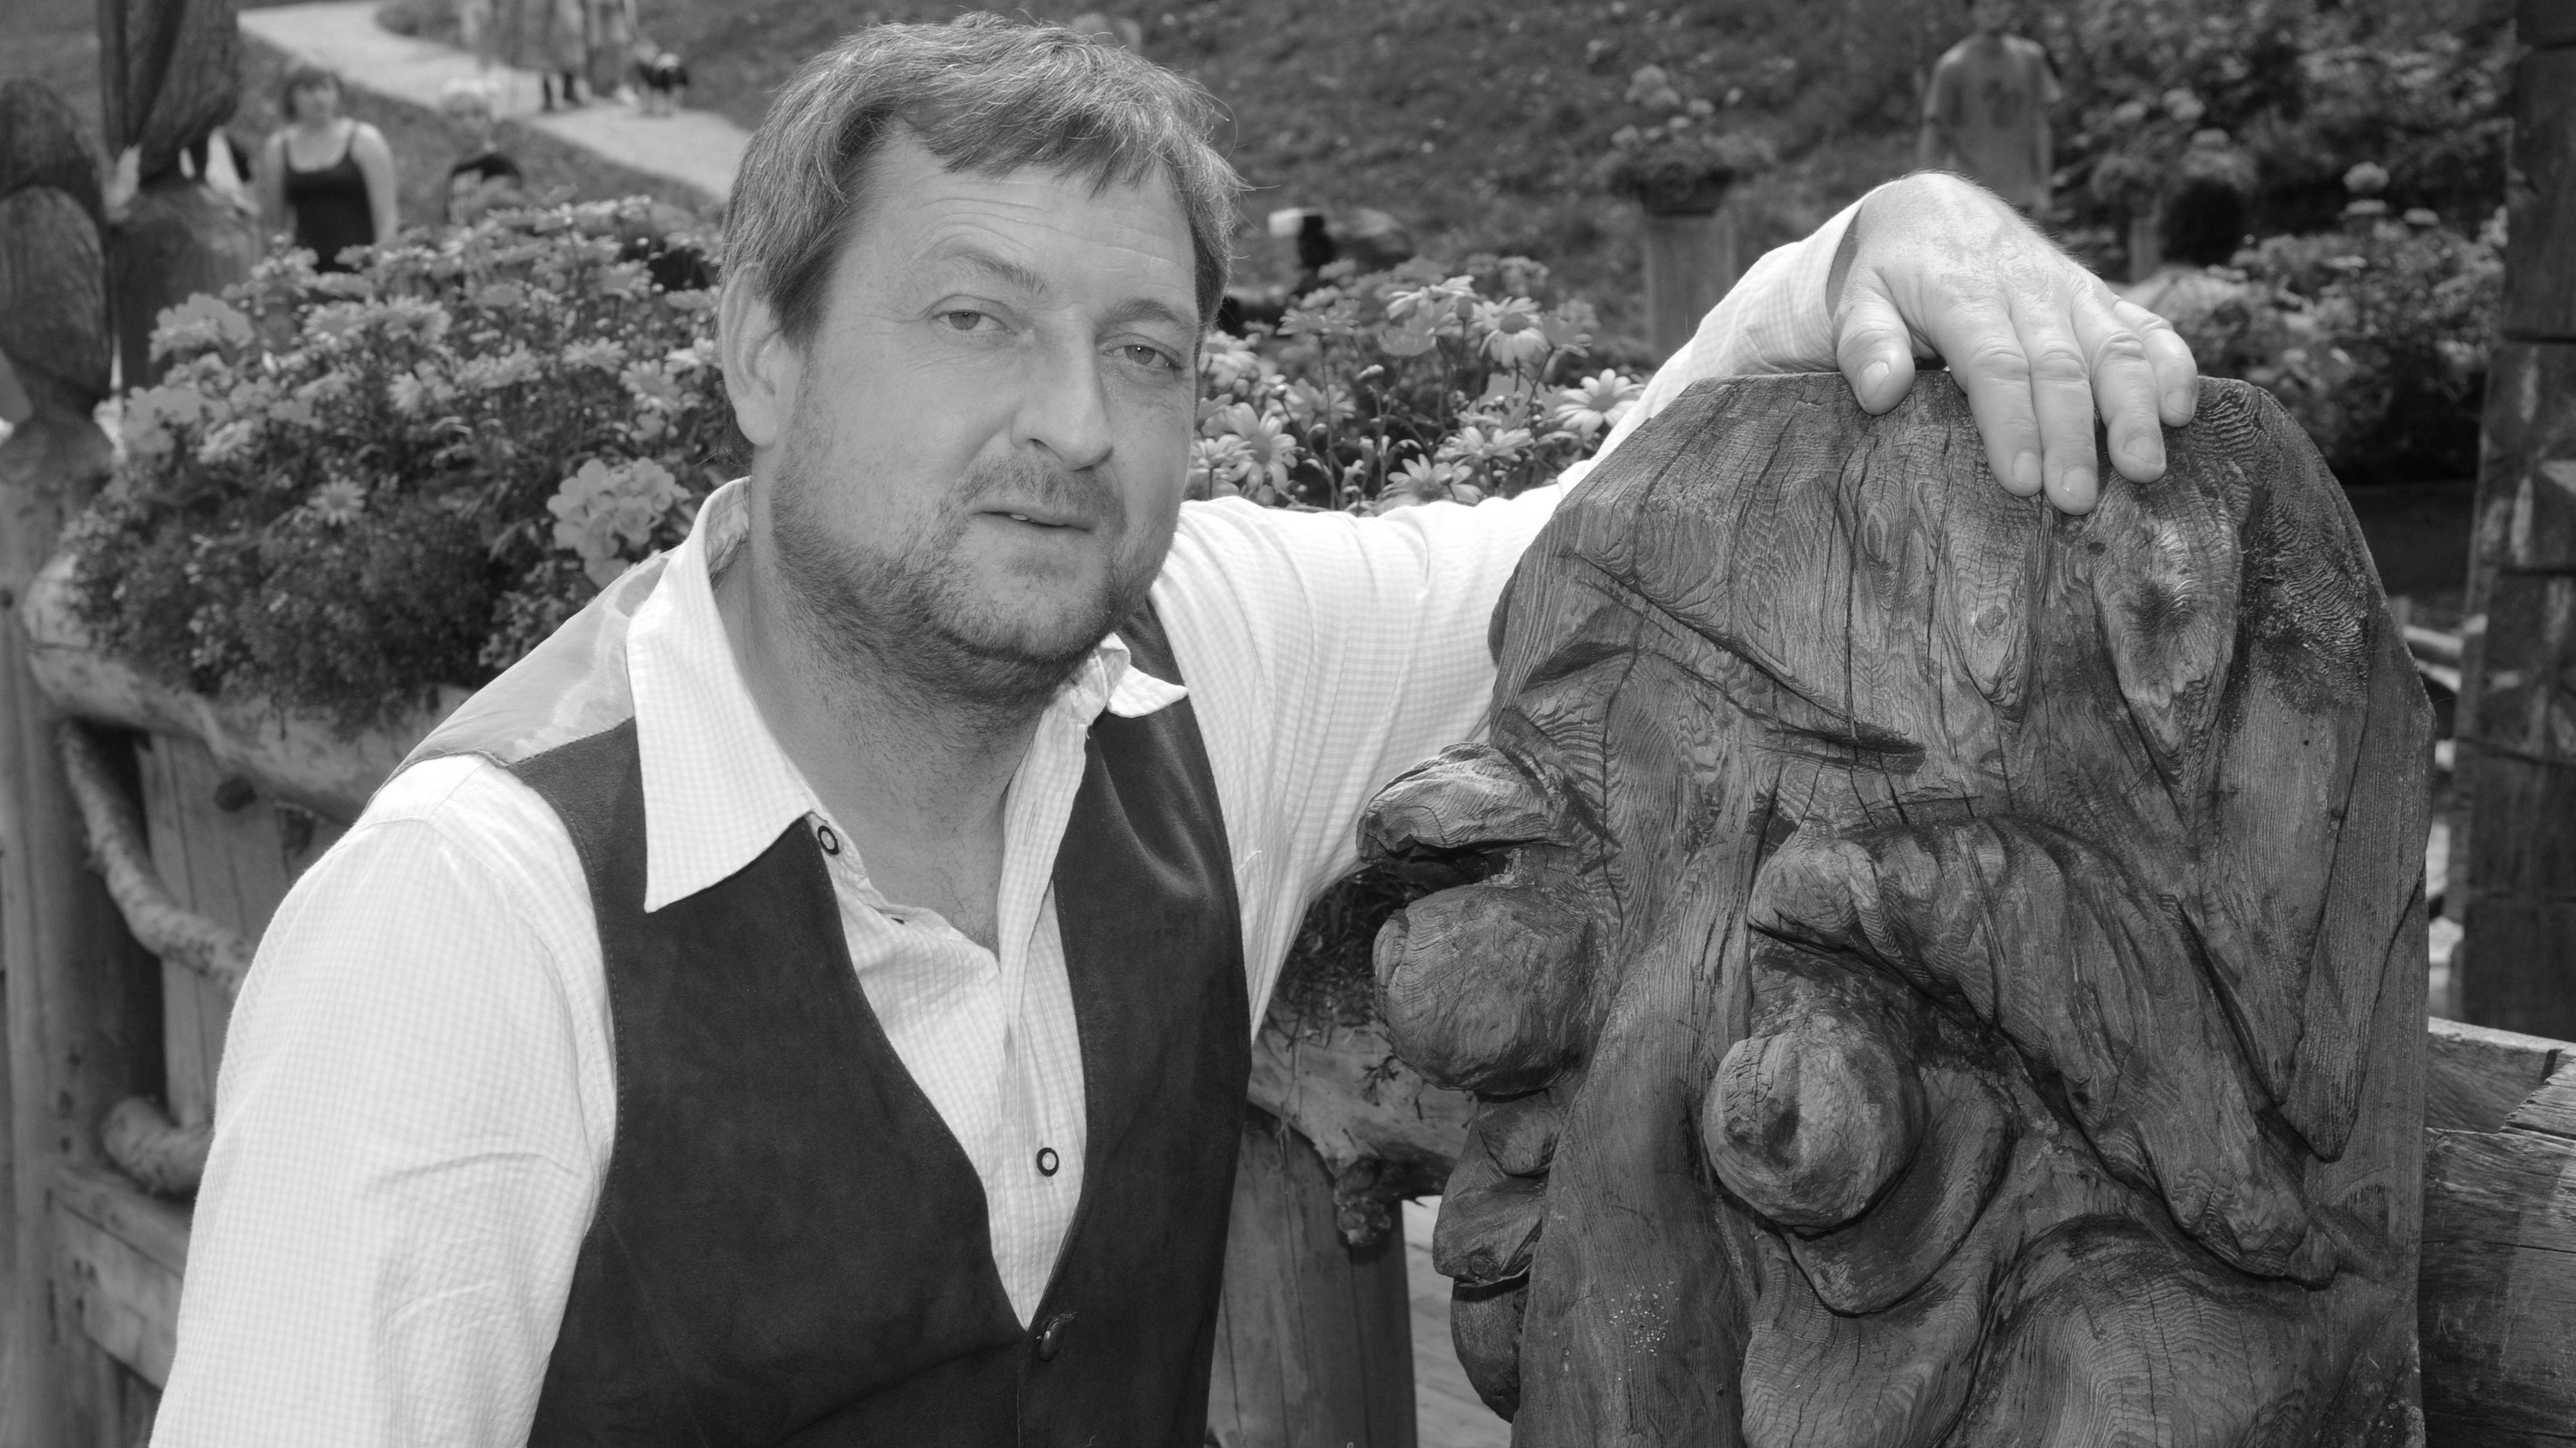 Der Schauspieler Maximilian Krückl neben einer Holzfigur